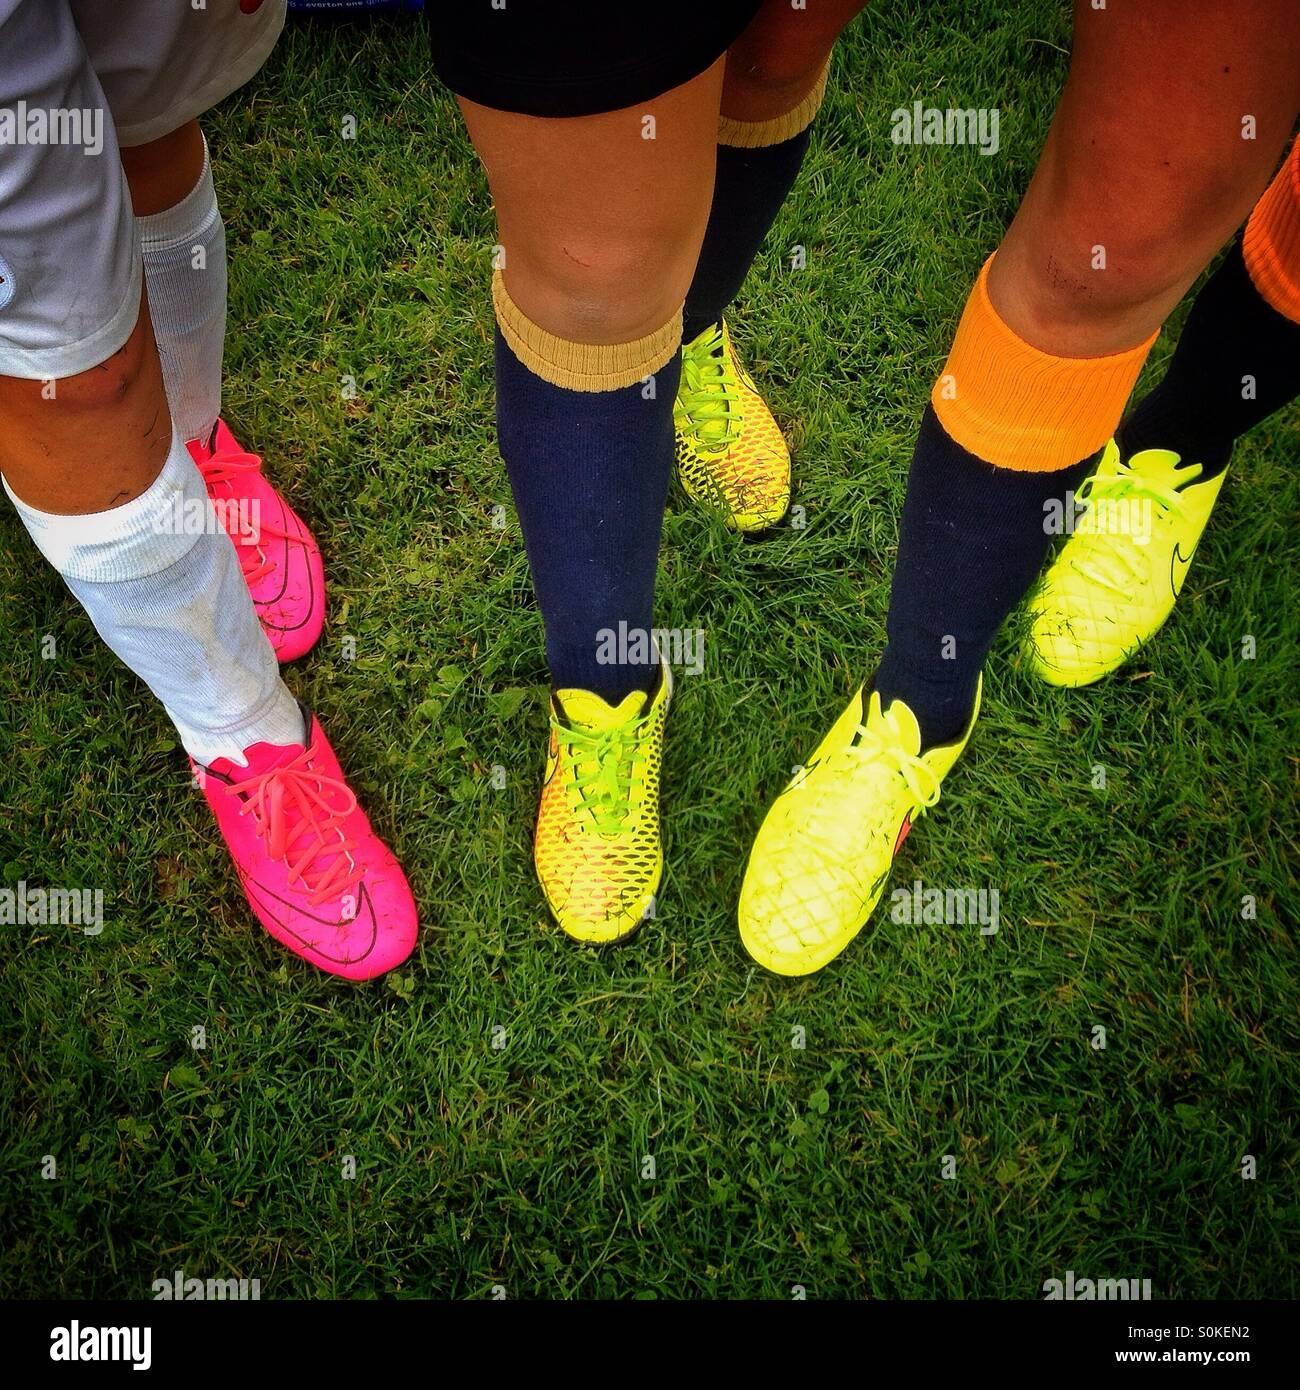 Footie - Stock Image